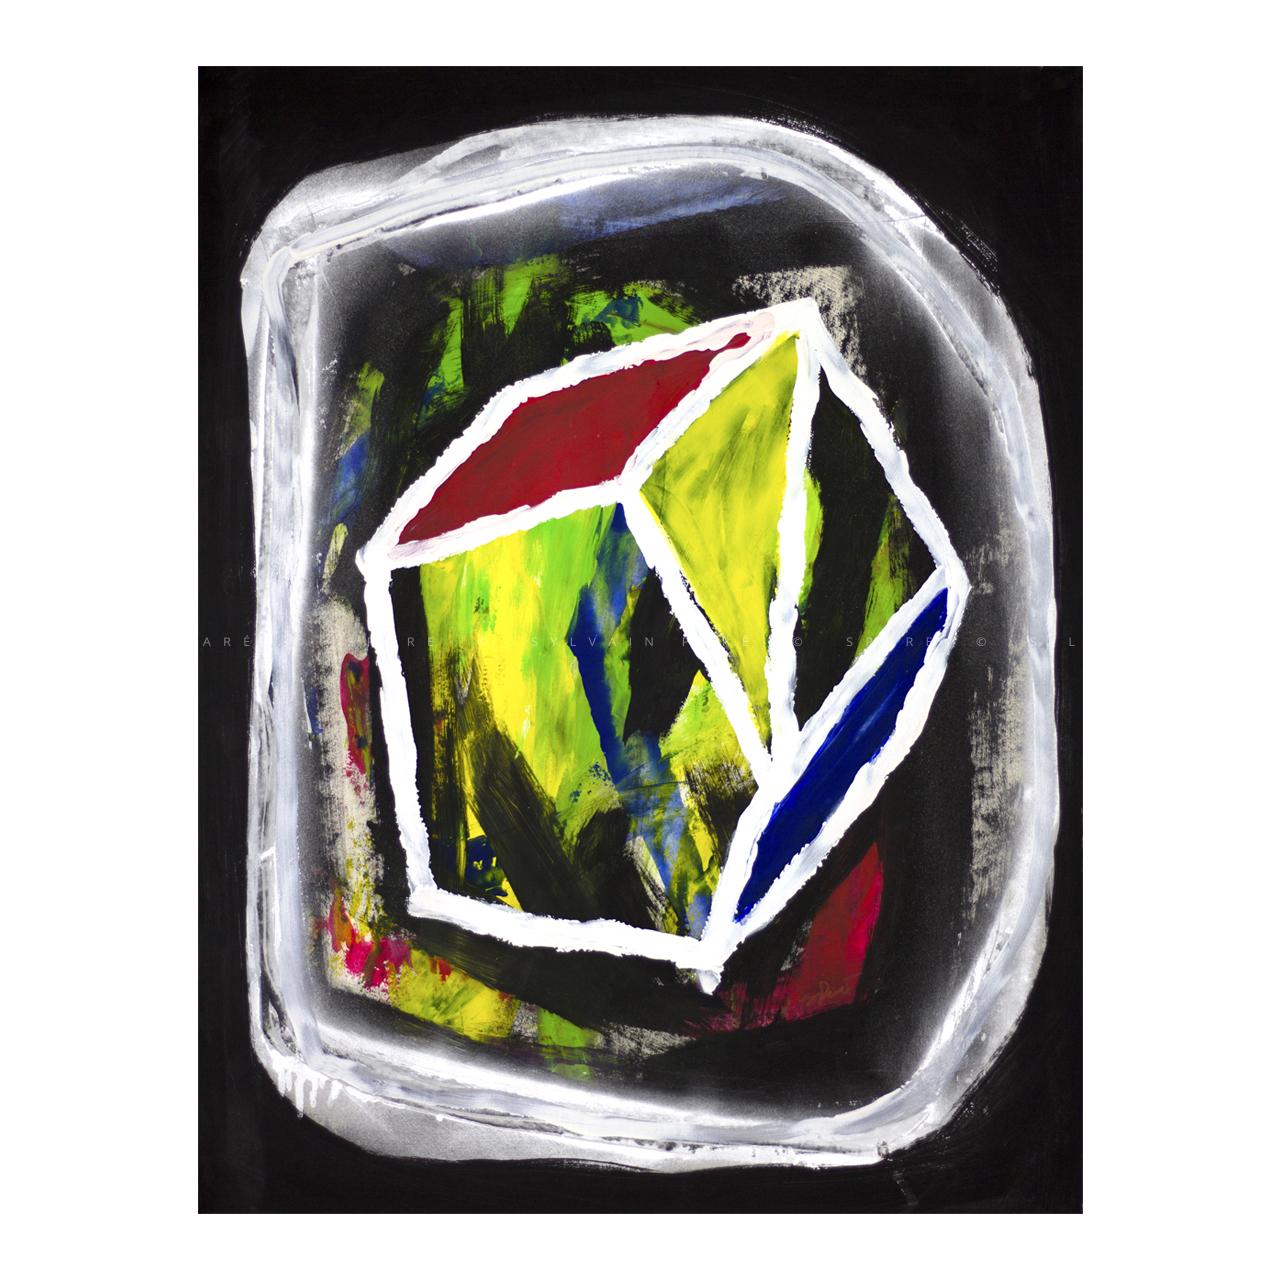 sylvain-pare-spare-artwork-1280x1280_IMG_0145.jpg